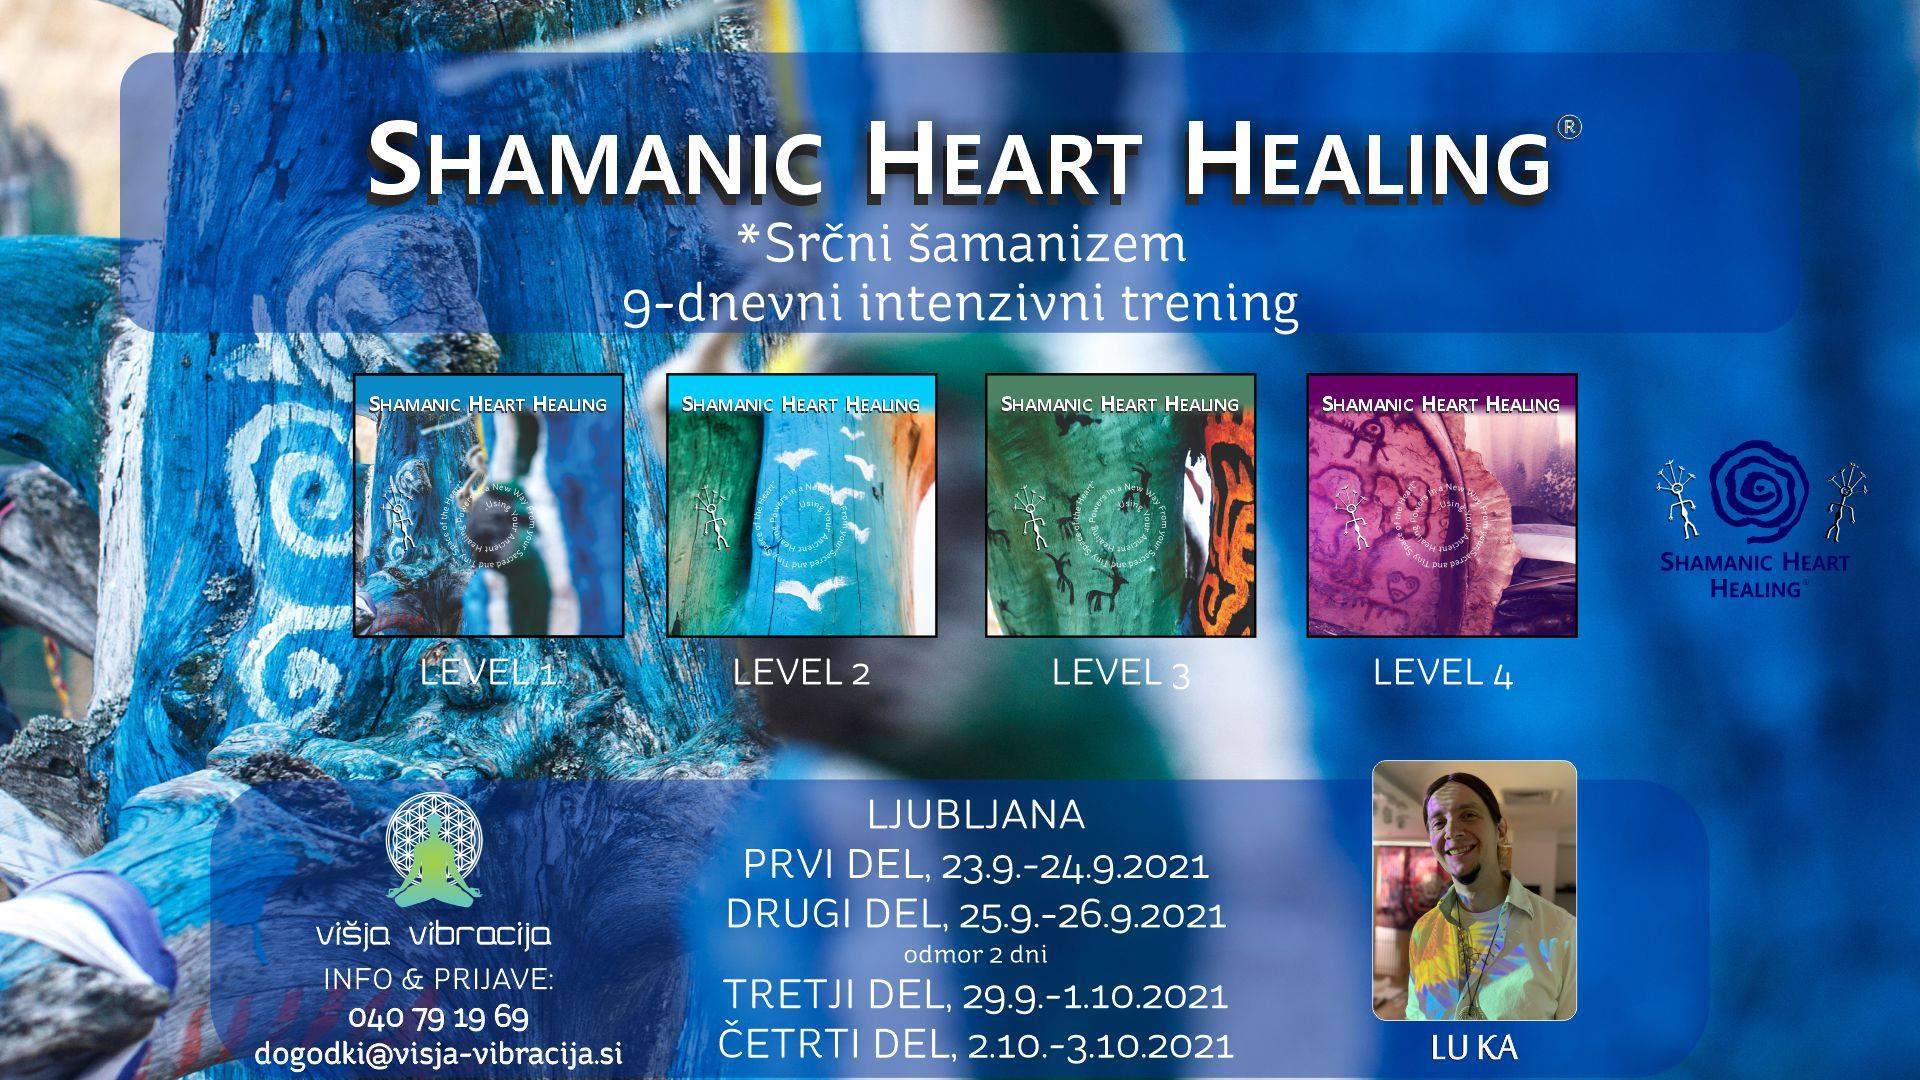 Srčni šamanizem - Shamanic Heart Healing (Ljubljana) - LU KA 13